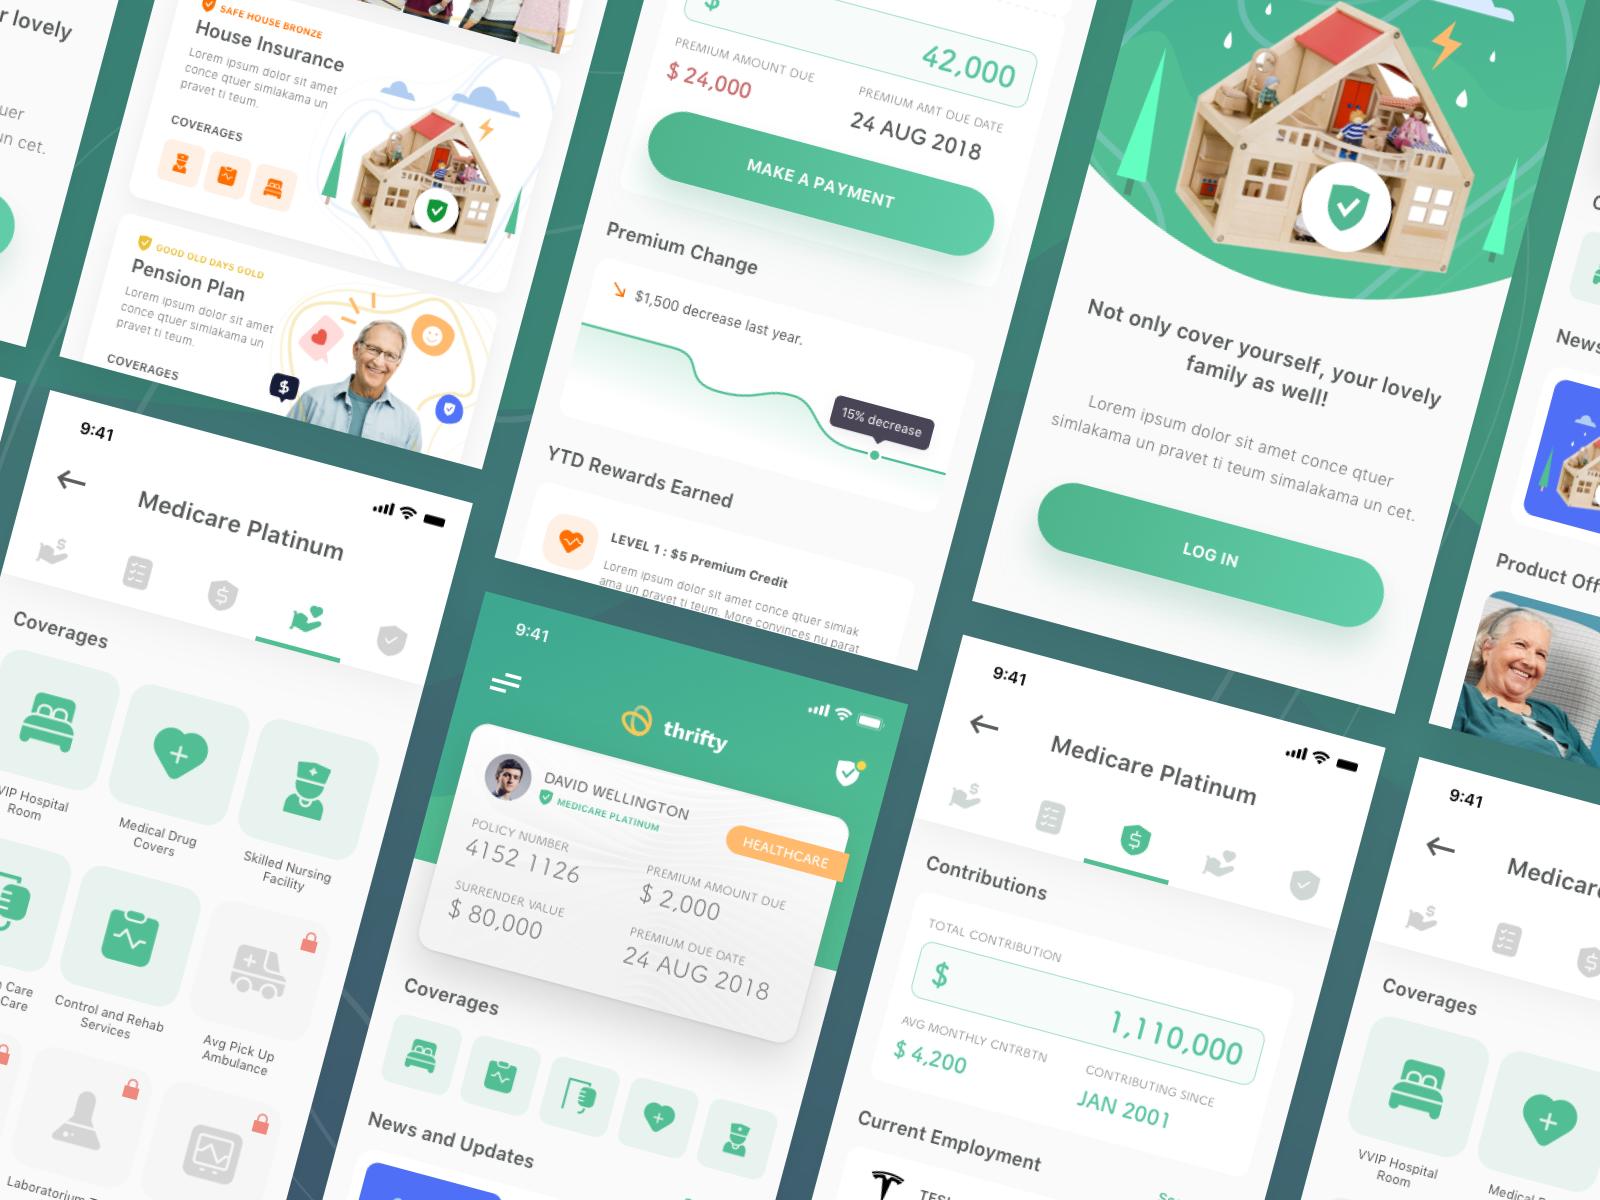 Thrifty Insurance App Medical App App Design Web App Design